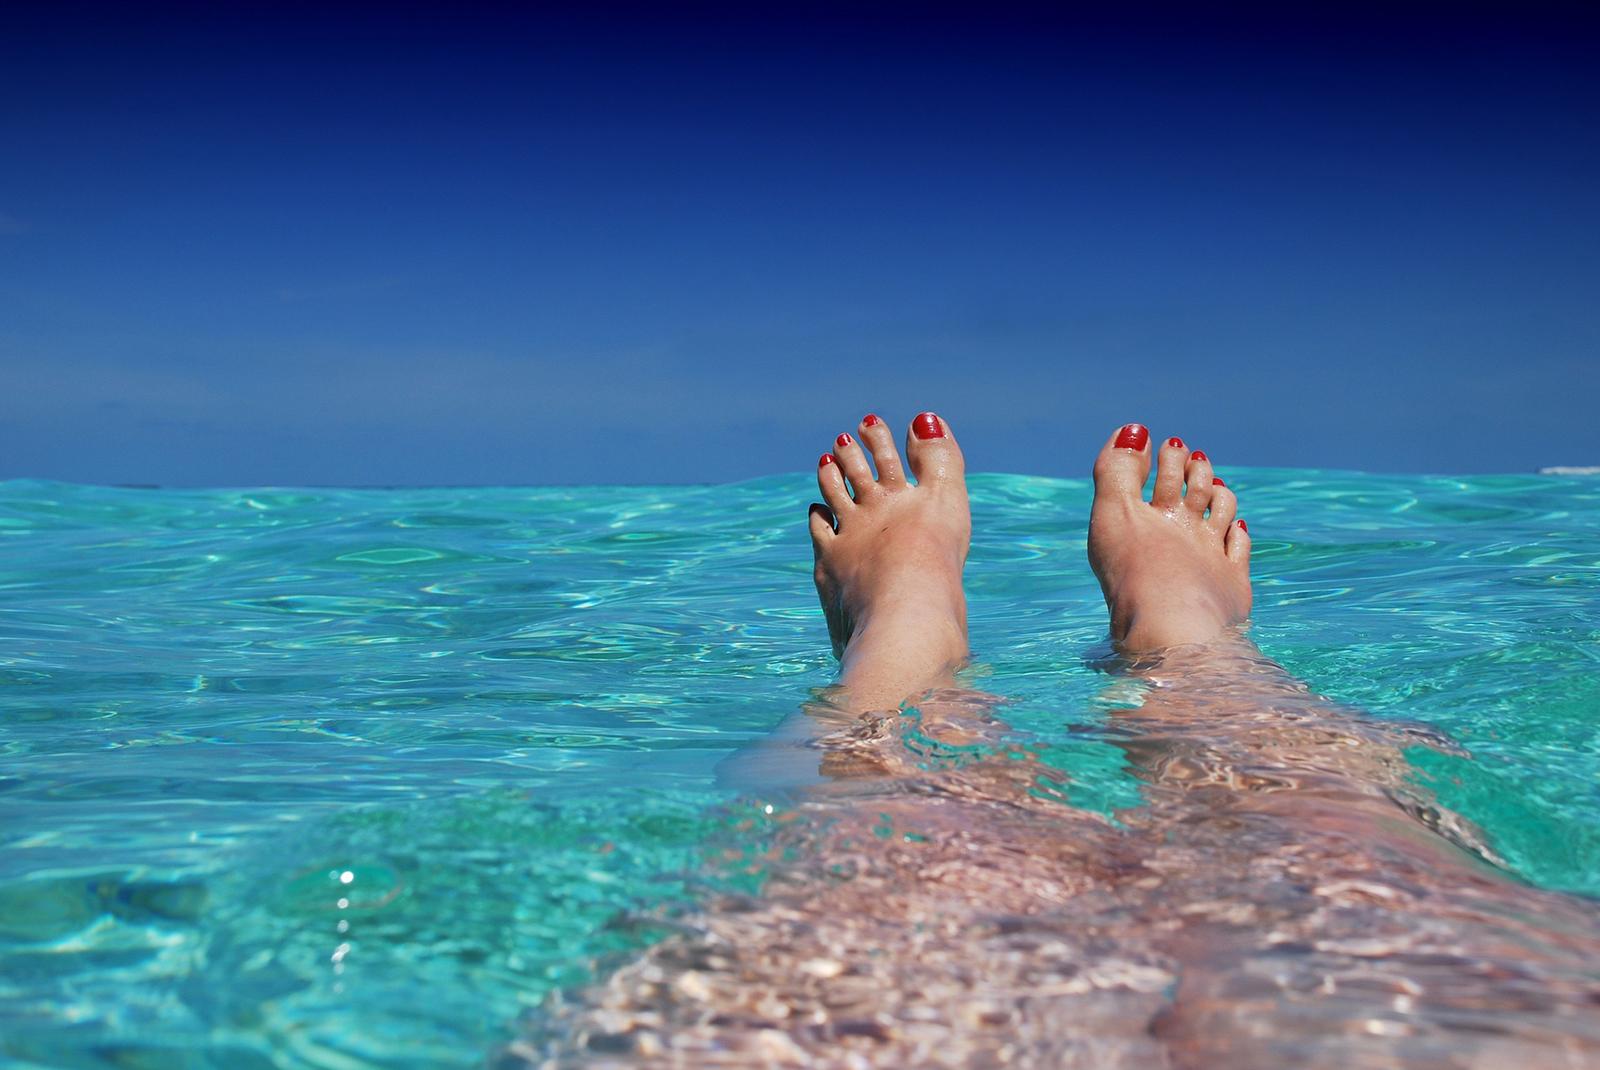 Vacanze al mare: alcuni miti da sfatare - Mada Medical Shop